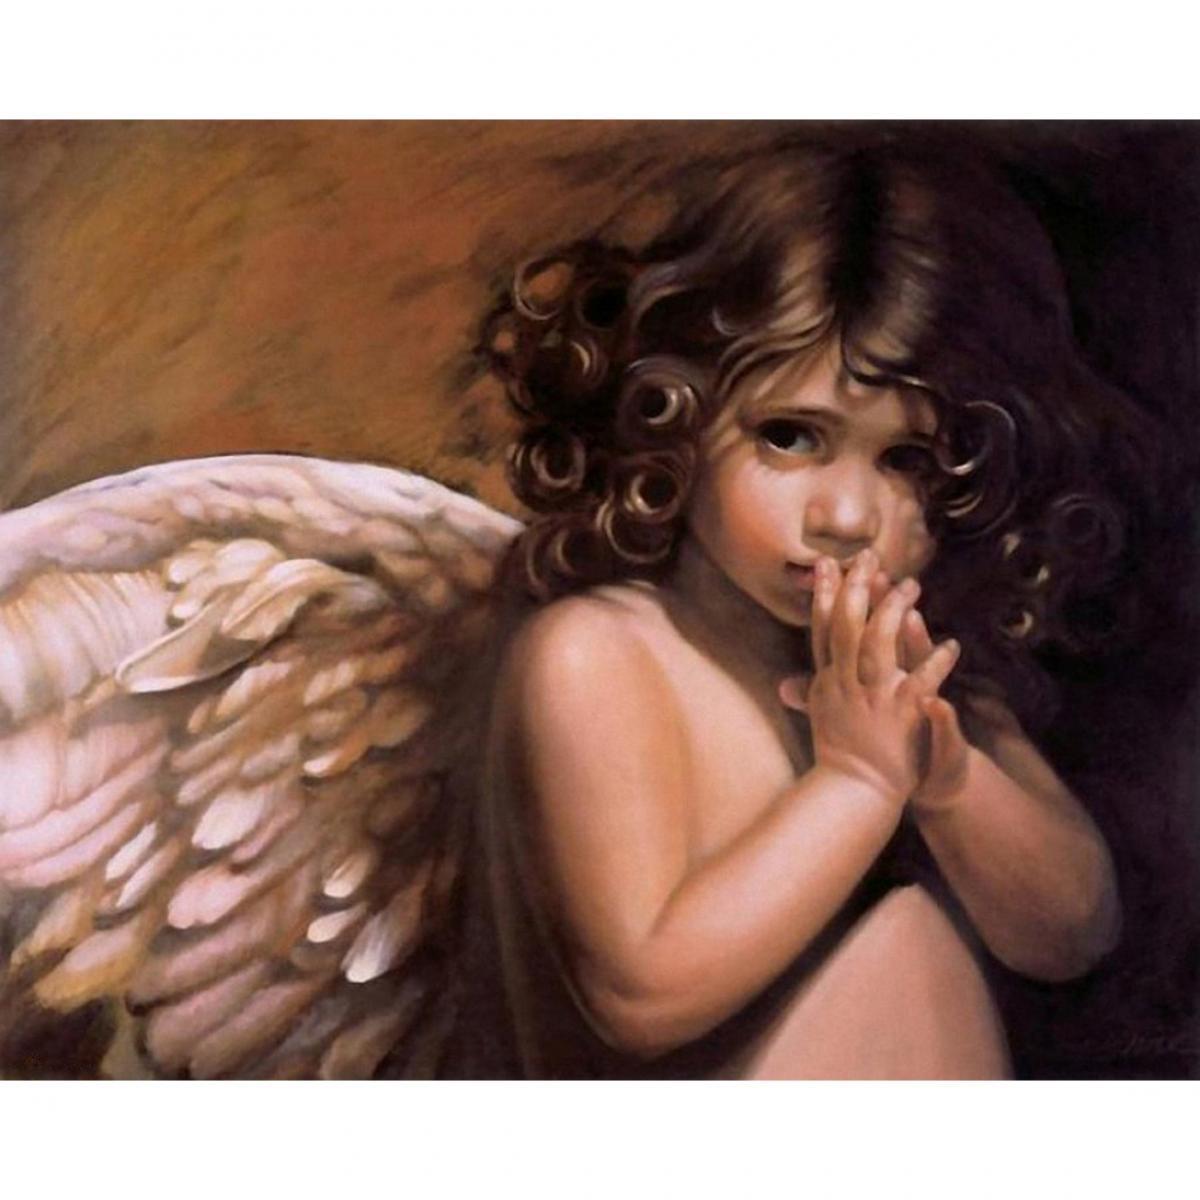 Картина по номерам Ангел 40*50см, в коробке Dreamtoys код: DT-295